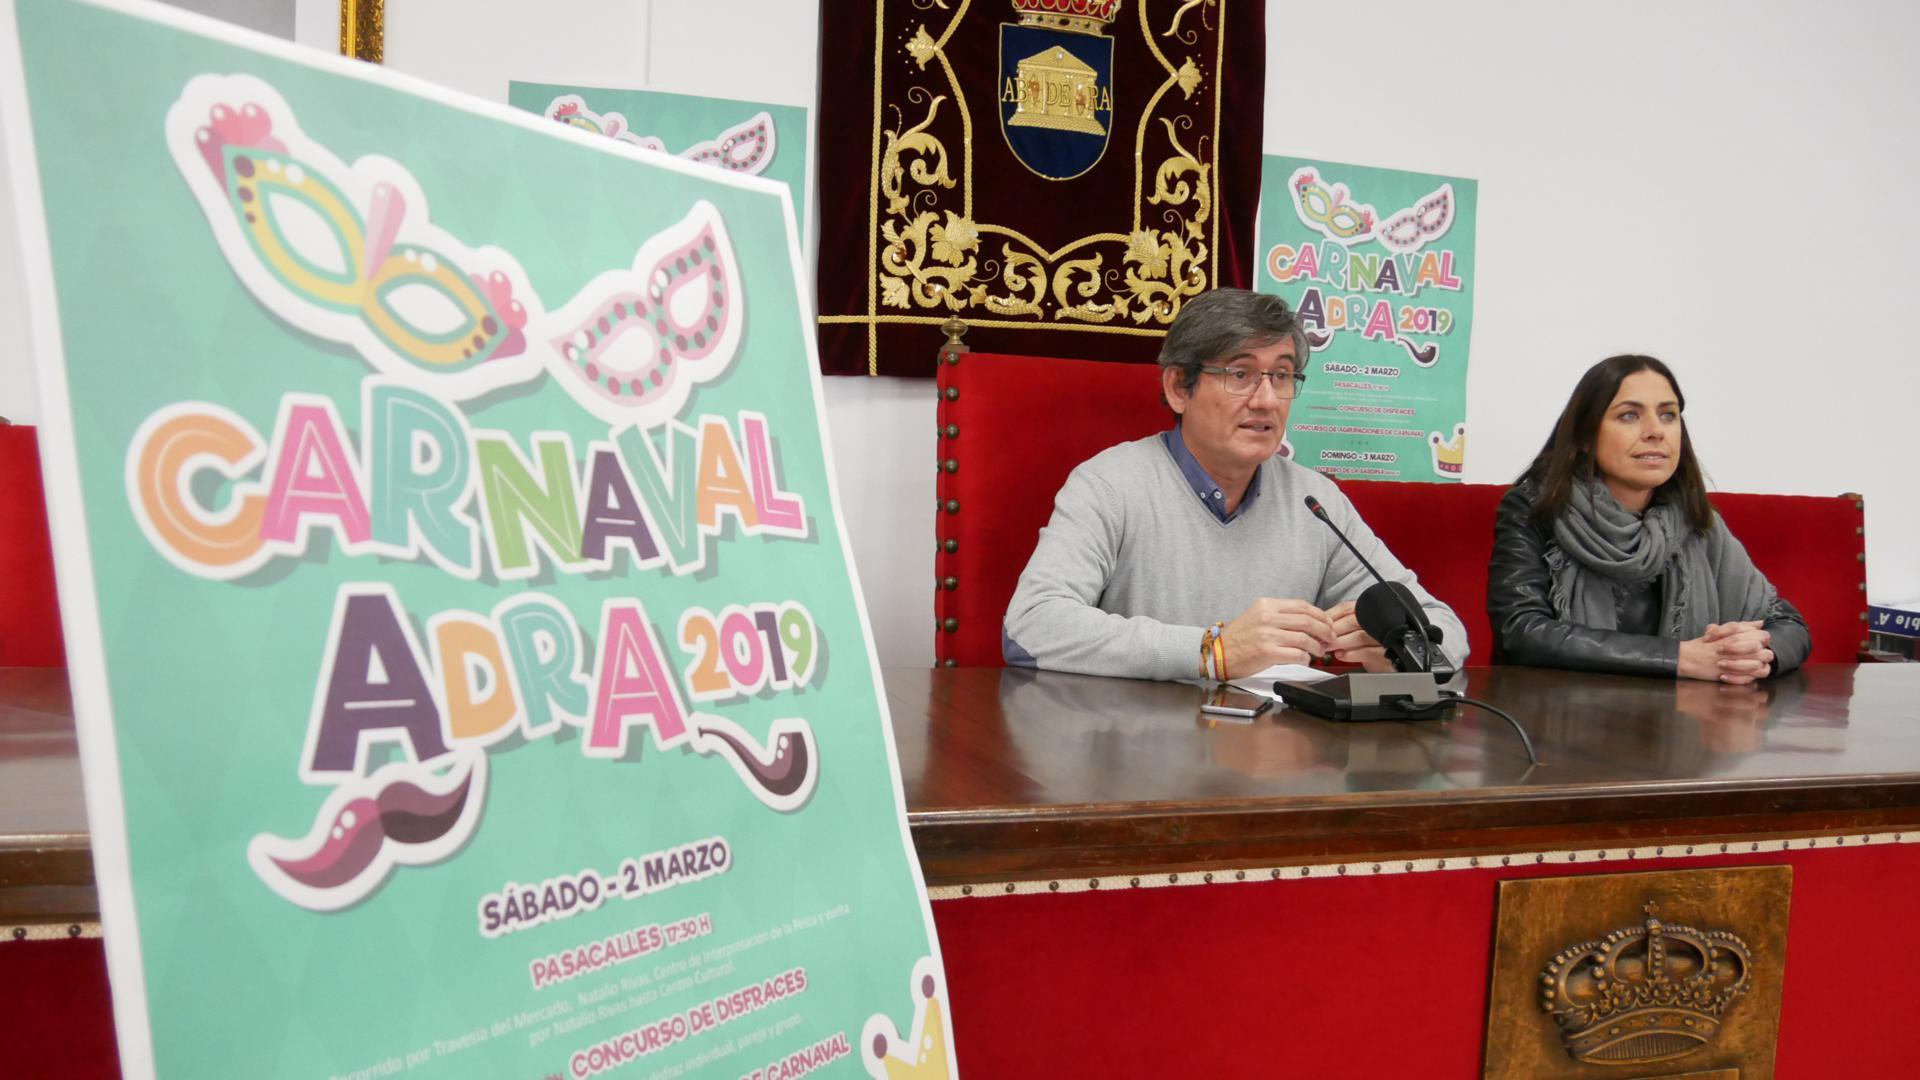 presentacion carnaval de adra 2019